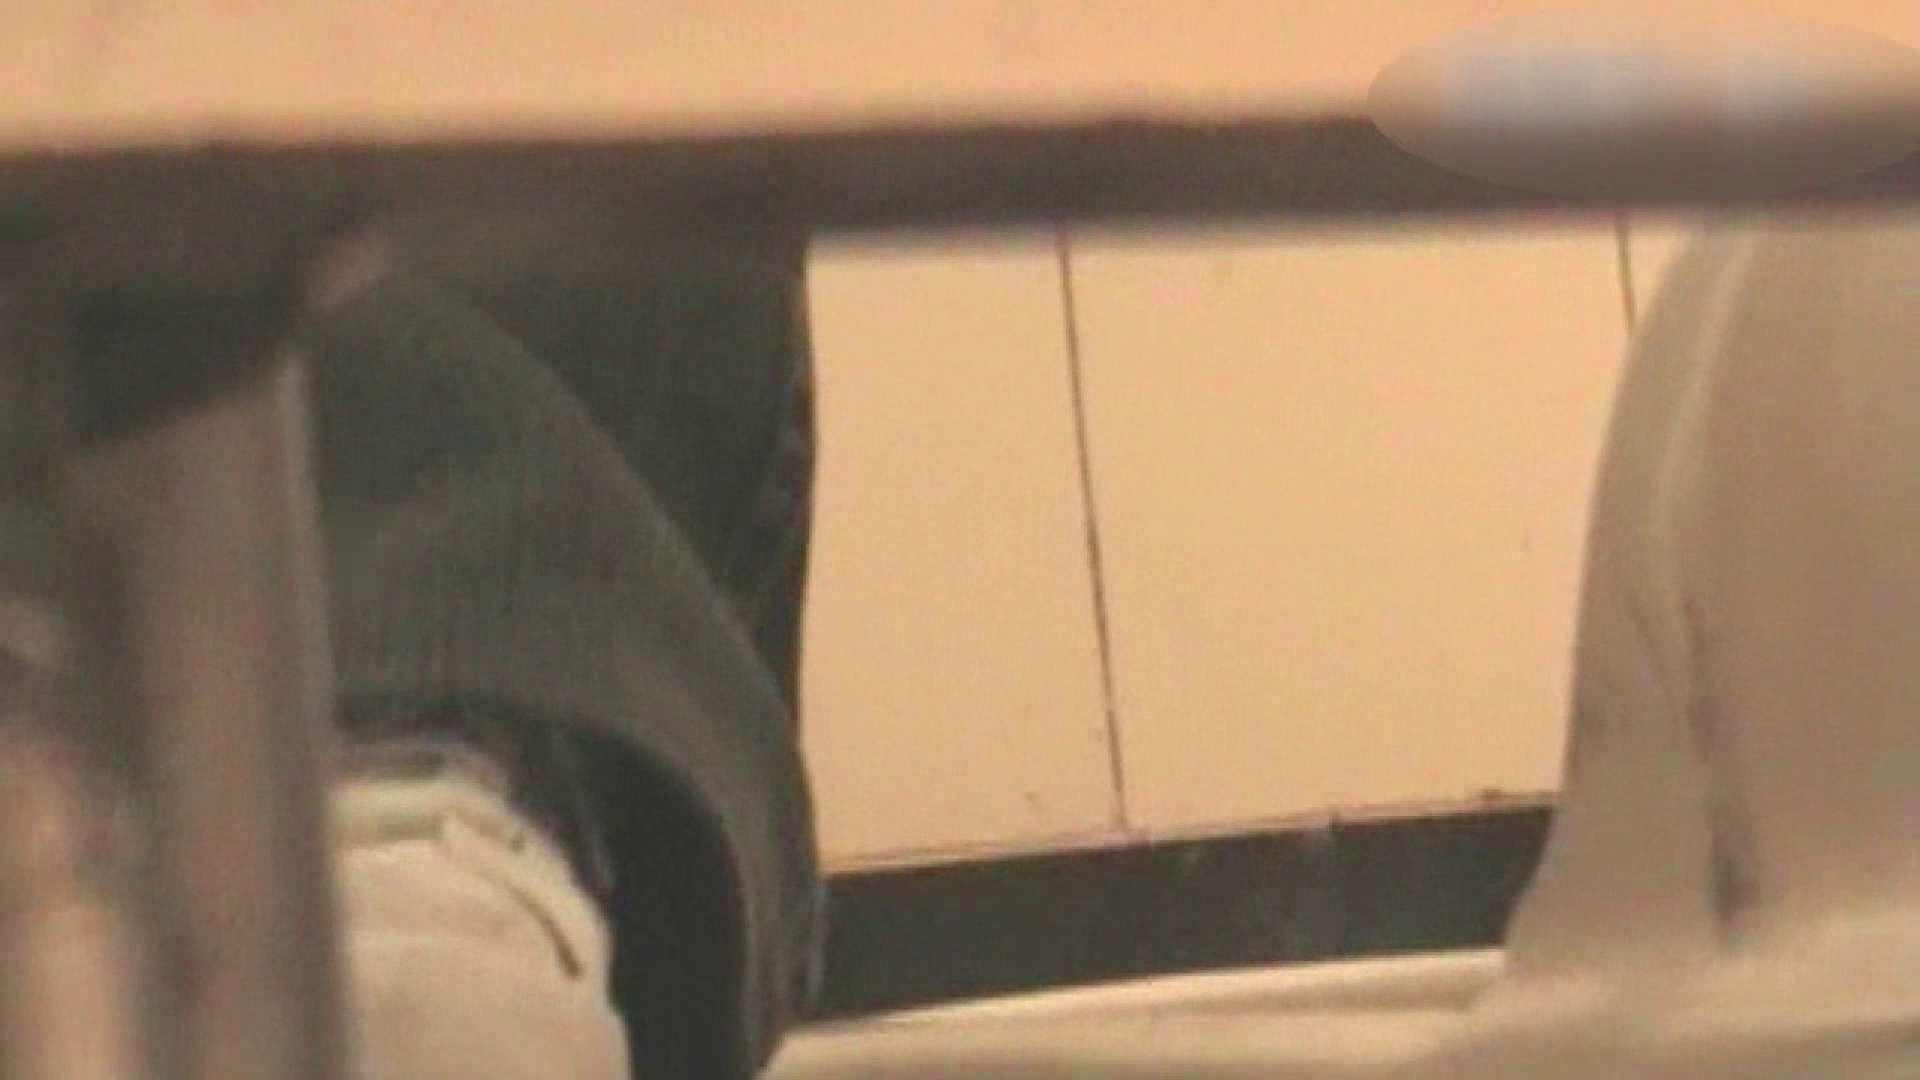 ロックハンドさんの盗撮記録File.04 モロだしオマンコ えろ無修正画像 90pic 29